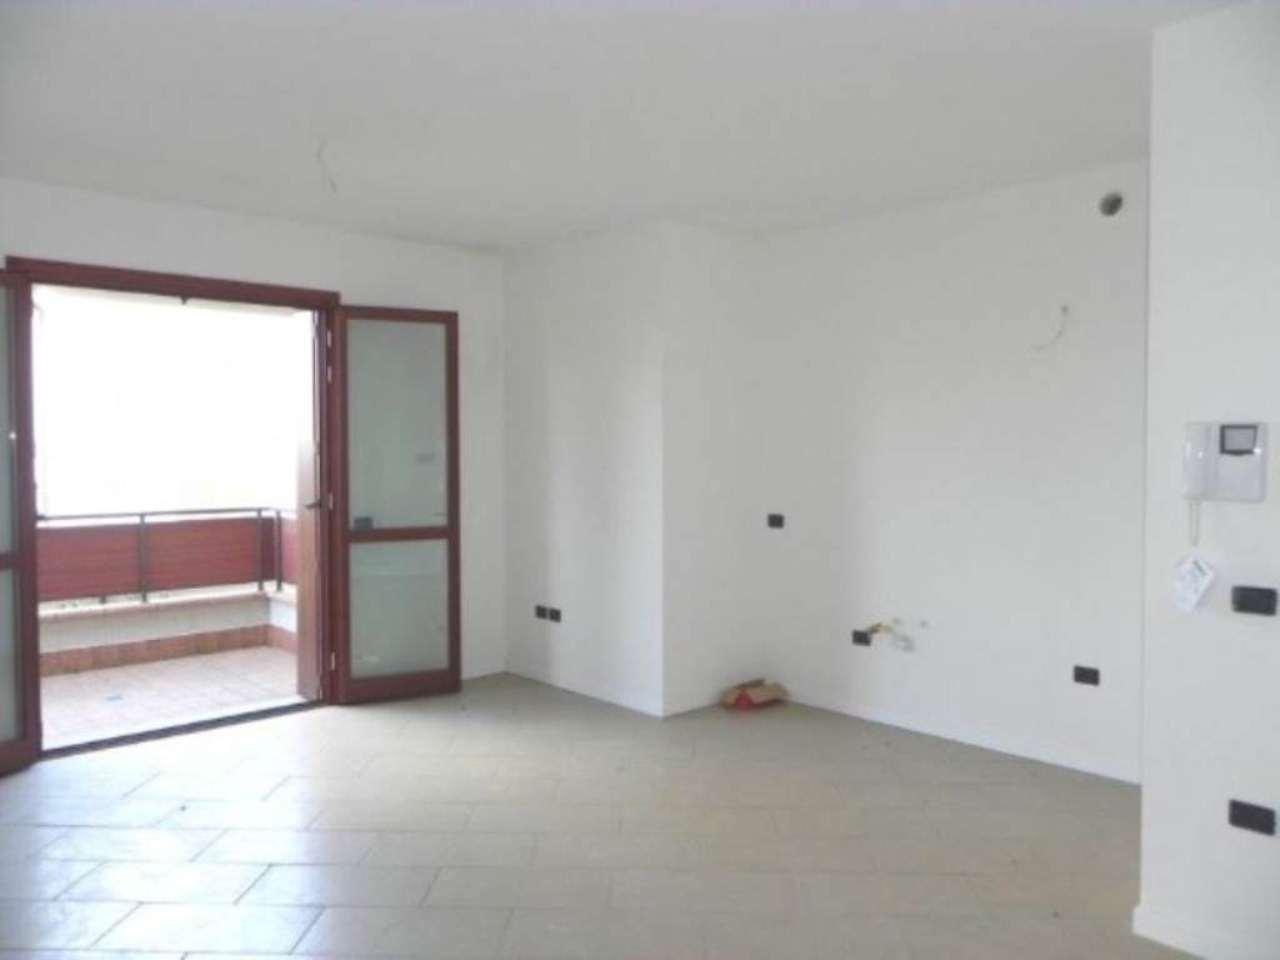 Attico / Mansarda in vendita a Forlì, 6 locali, prezzo € 220.000 | CambioCasa.it